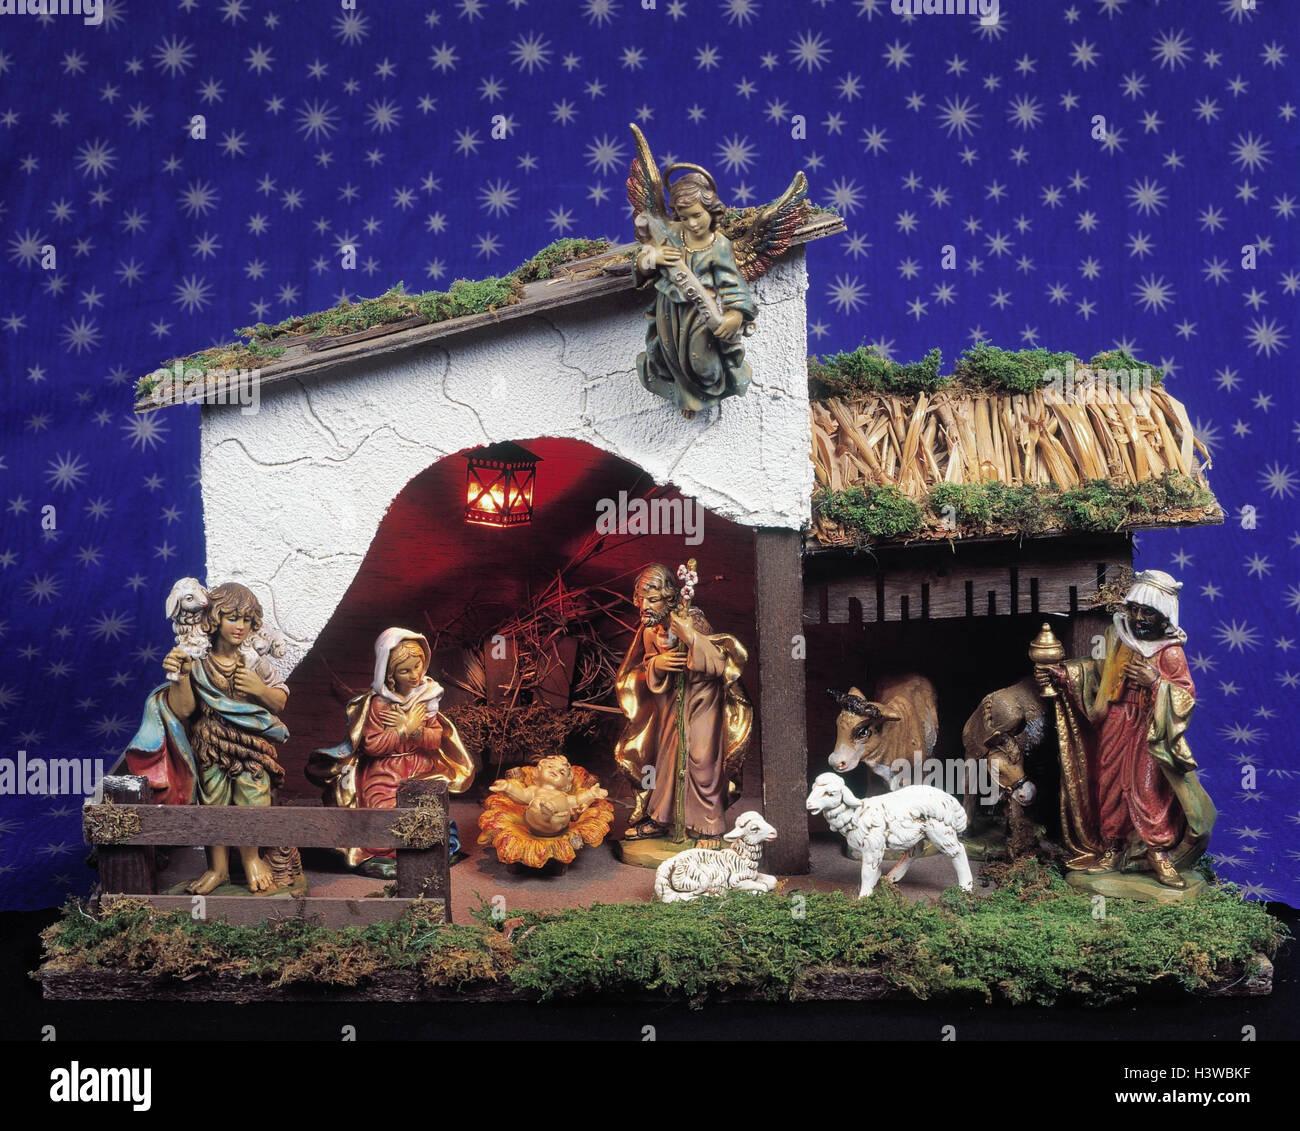 Bilder Krippe Weihnachten.Kinderkrippe Krippe Weihnachten Stabile Bethlehem Heilige